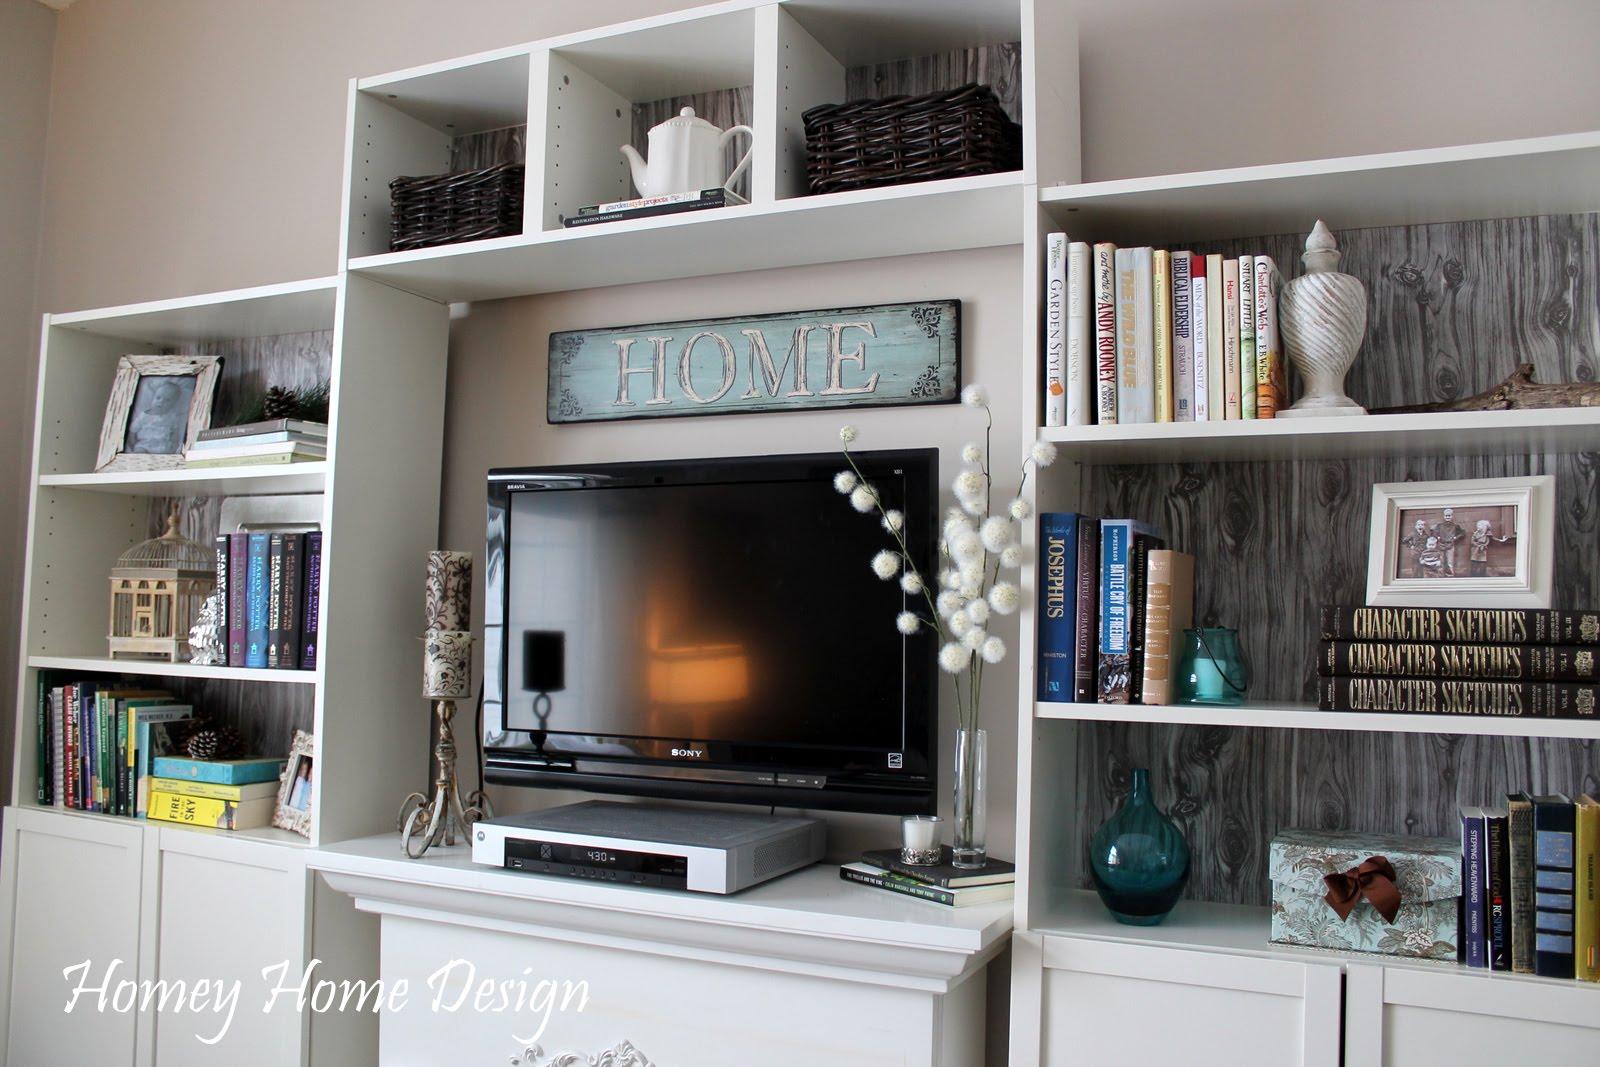 Living Room Shelves Wall Shelves Decorating Ideas Home Decor And Design Living Room